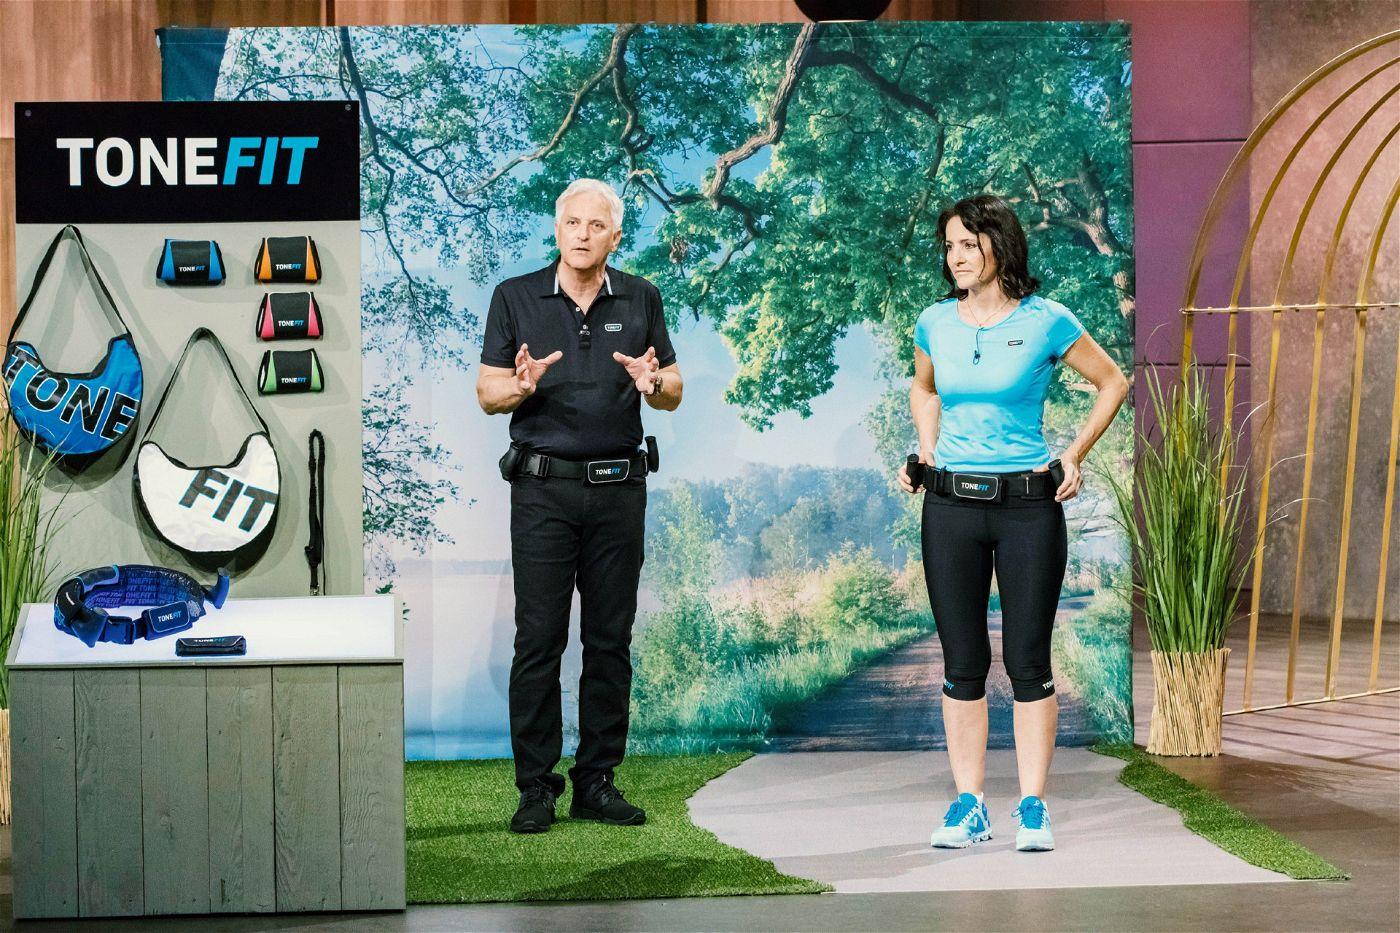 """<p><b>Die Gründer und ihr Produkt</b>: Mit """"Tonefit"""" stellen Diana und Michael Failer den """"Löwen"""" ein Fitnessgerät vor, das den gesamten Körper effektiv trainieren soll.<p><b>Der Wunsch</b>: 200.000 Euro für einen Firmenanteil von 20 Prozent.</p> <p><b>Der Deal</b>: Ralf Dümmel investiert 200.000 Euro für 20 Prozent.</p>"""